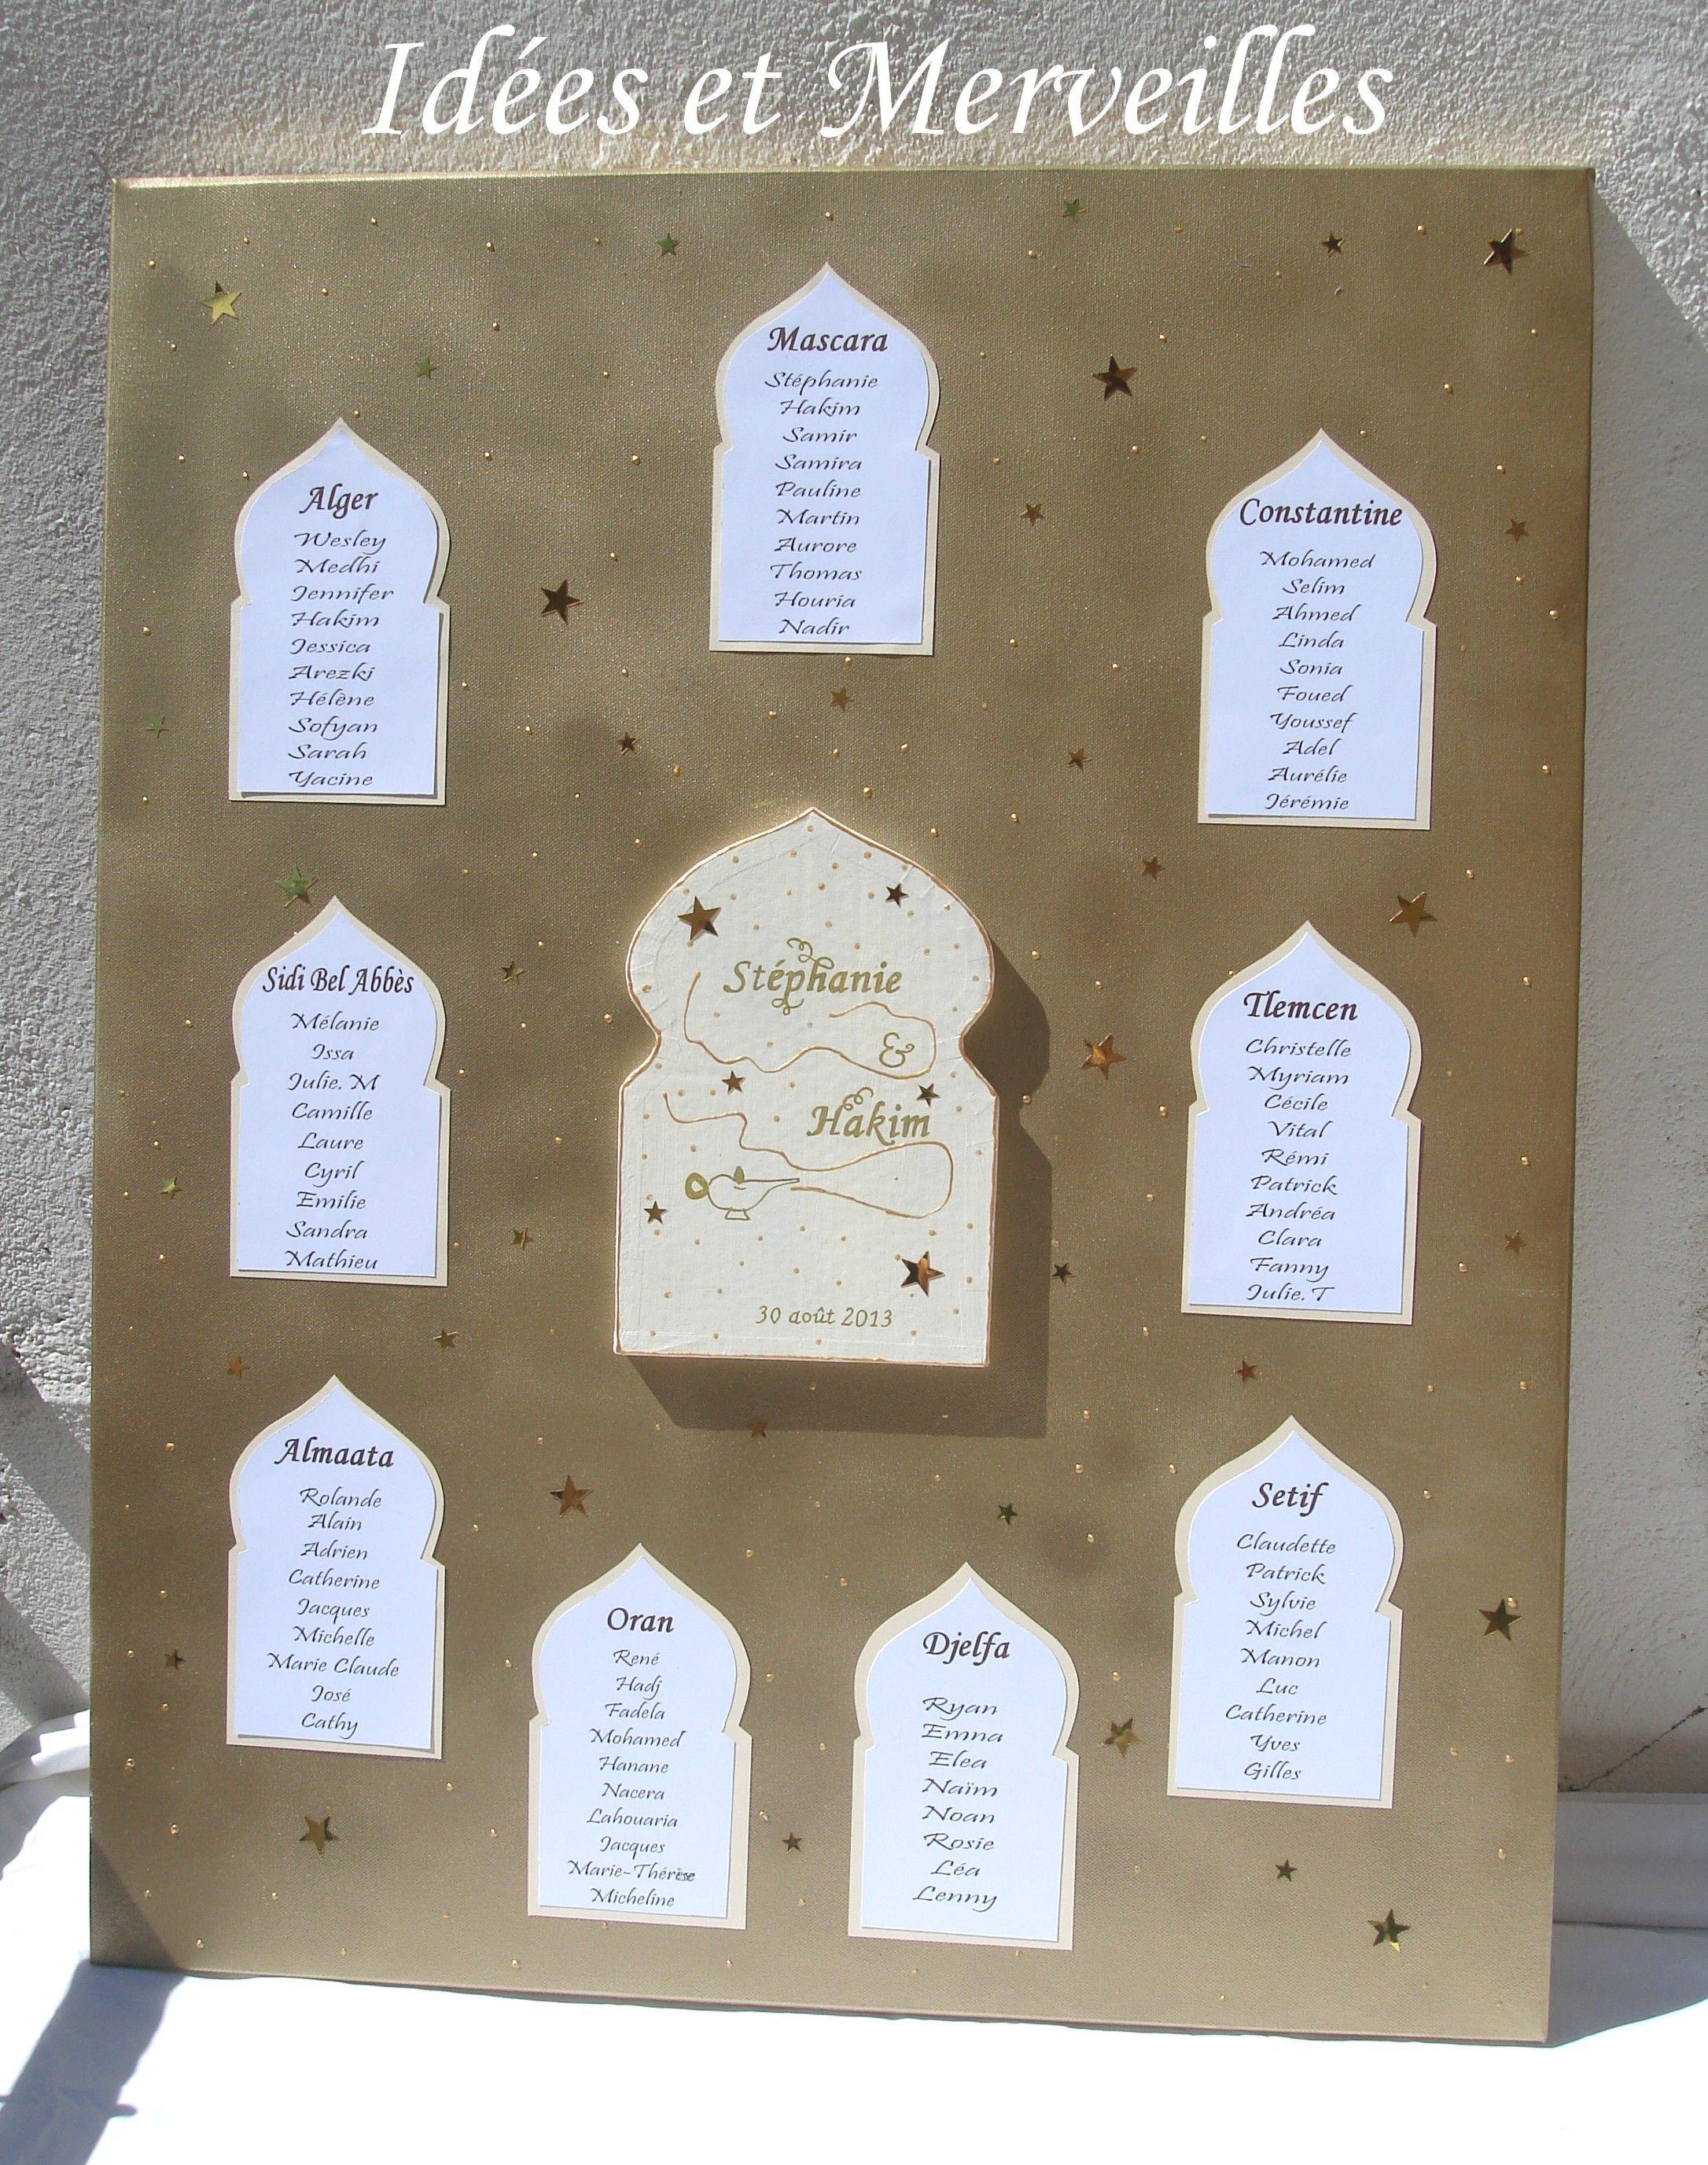 plan de table 1001 nuits oriental idees et merveilles mariage 1001 nuits pinterest. Black Bedroom Furniture Sets. Home Design Ideas